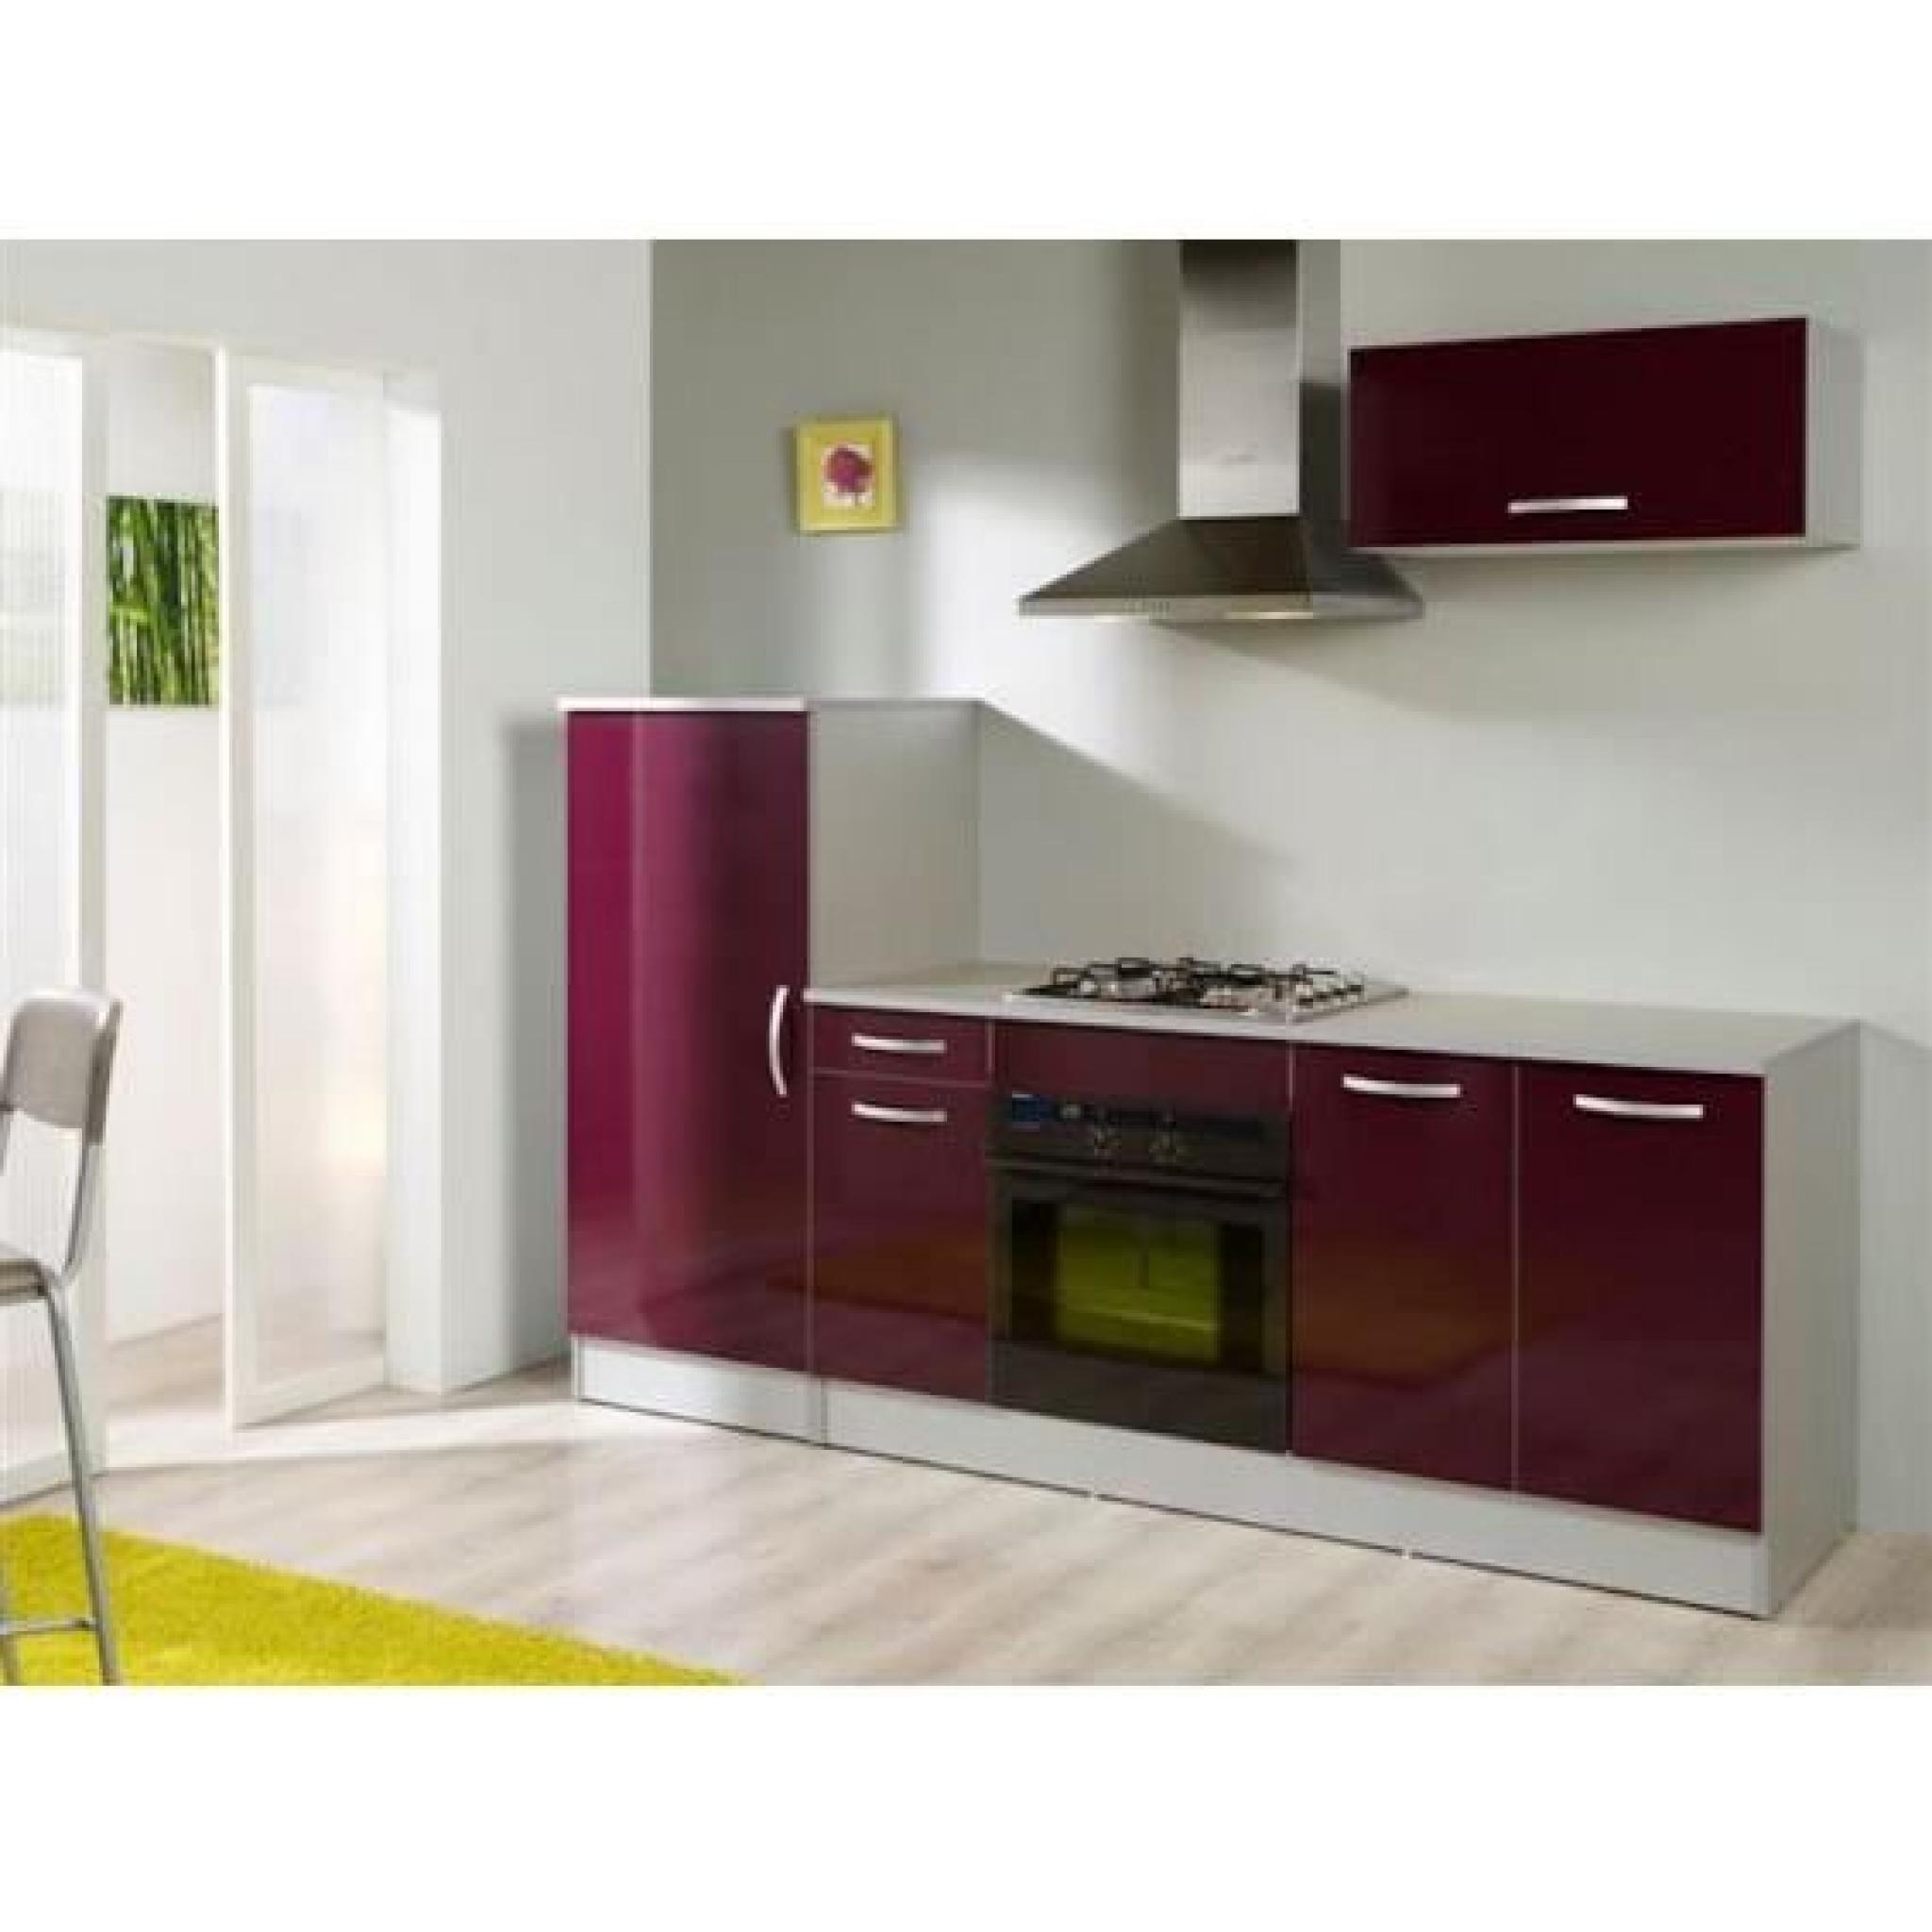 Ensemble cuisine pas cher maison et mobilier d 39 int rieur - Ensemble de cuisine pas cher ...